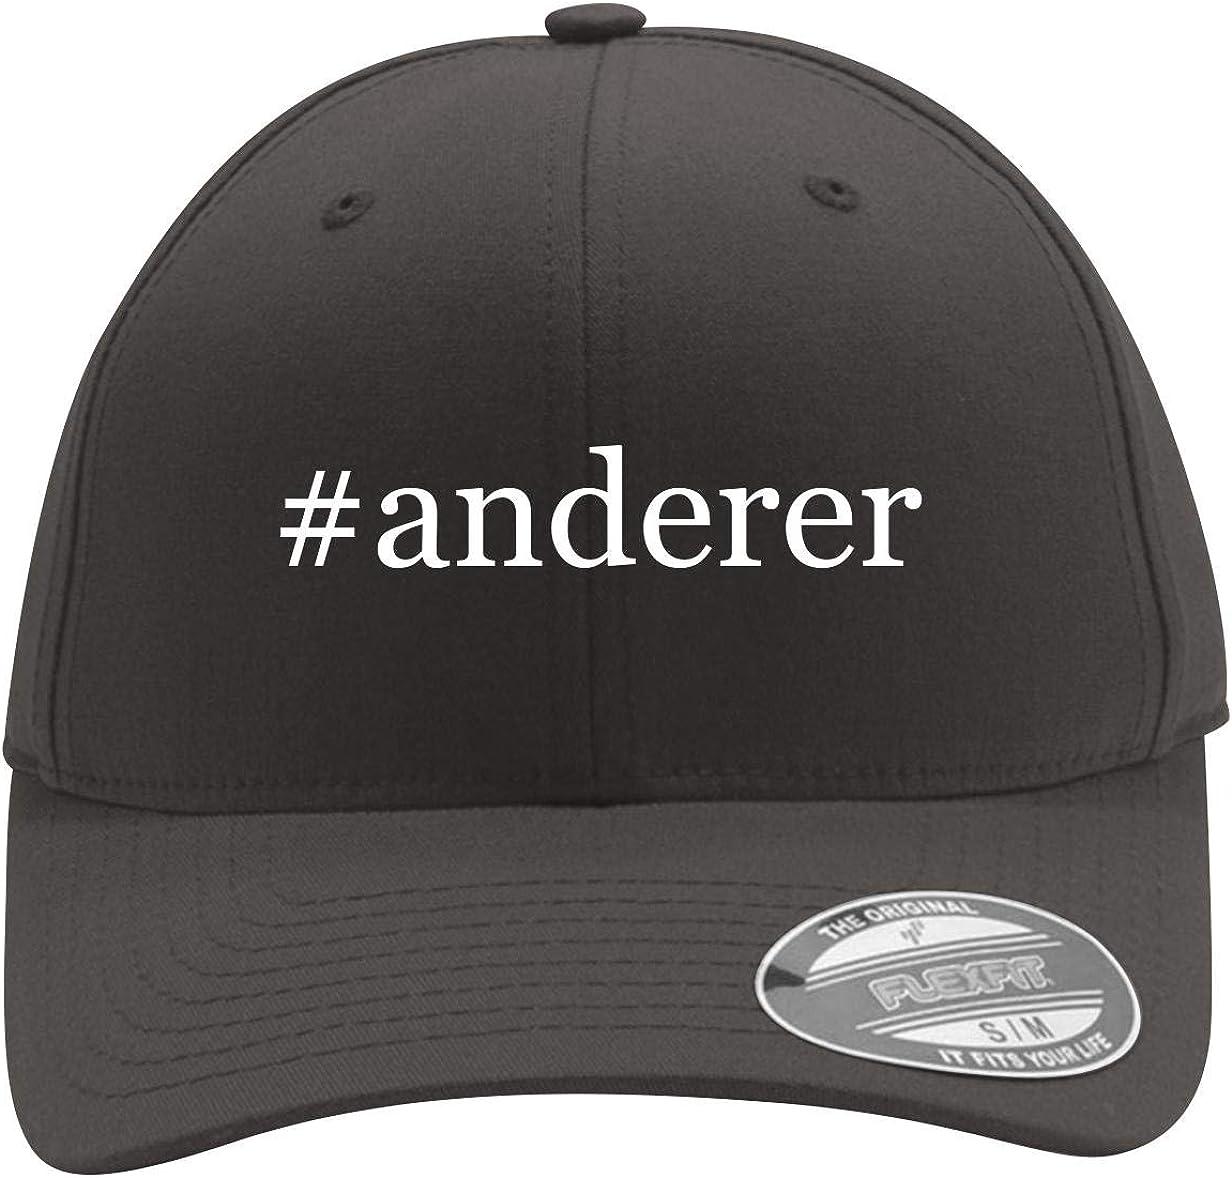 #Anderer - Men's Hashtag Flexfit Baseball Cap Hat 61GKMM9MOWL